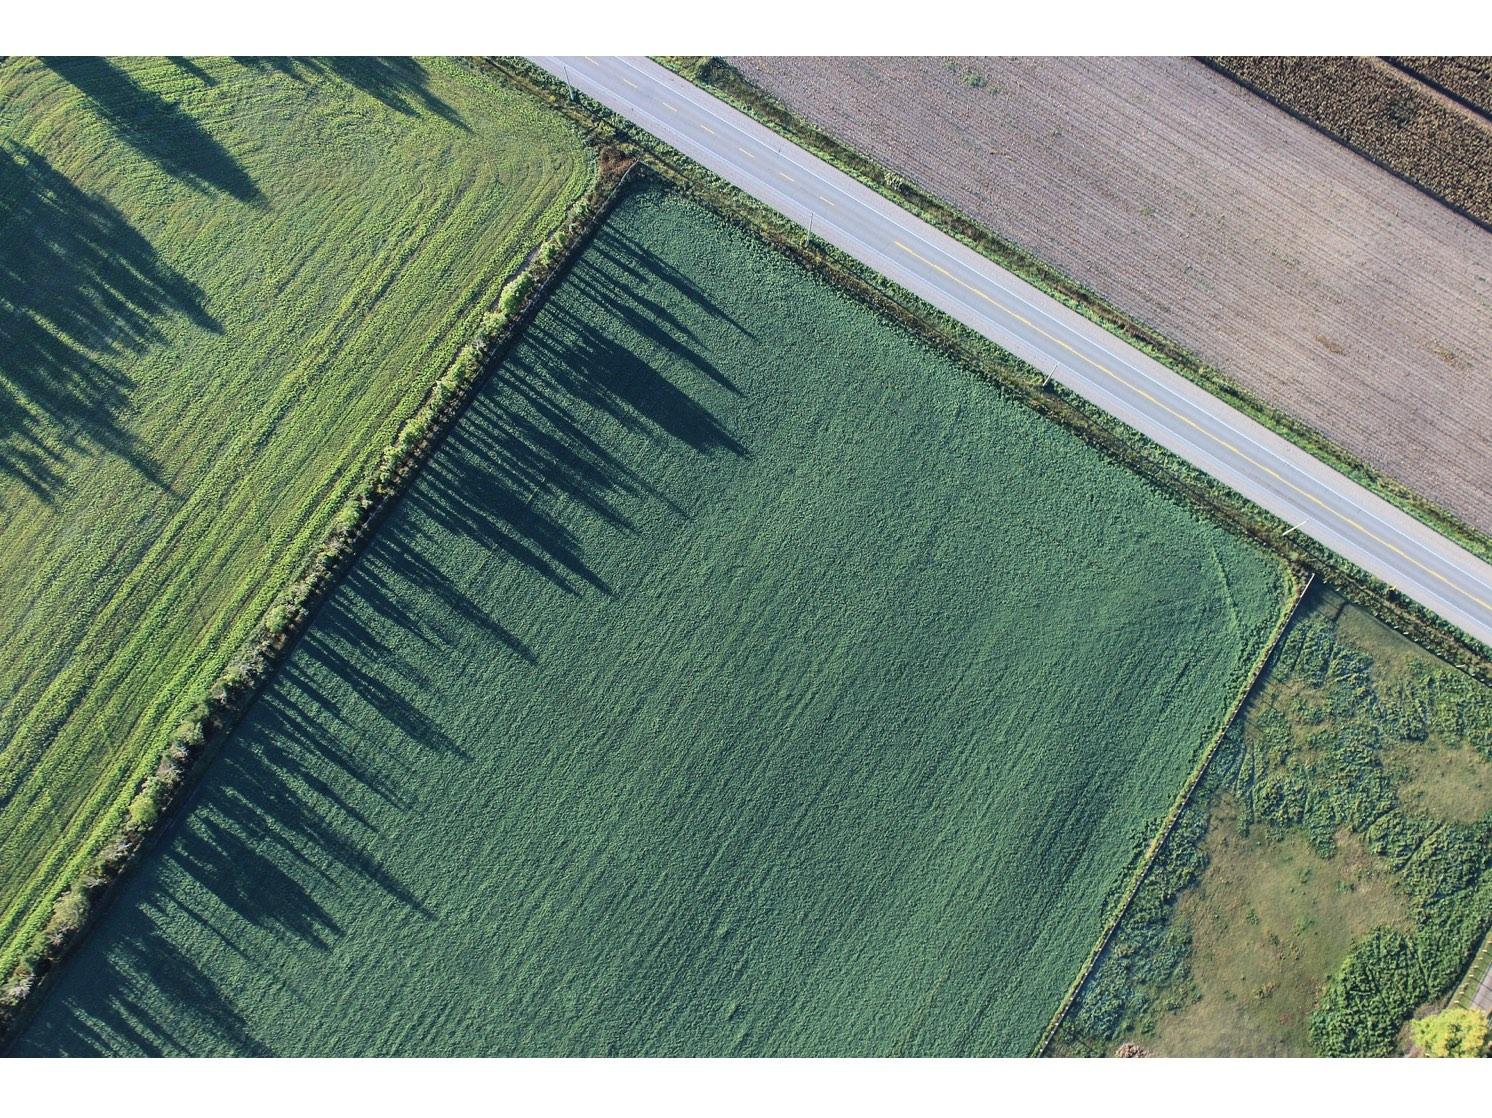 農業ビジネスを展開する「アグリメディア」、グロービス・キャピタル・パートナーズなど3社から4.5億円を調達